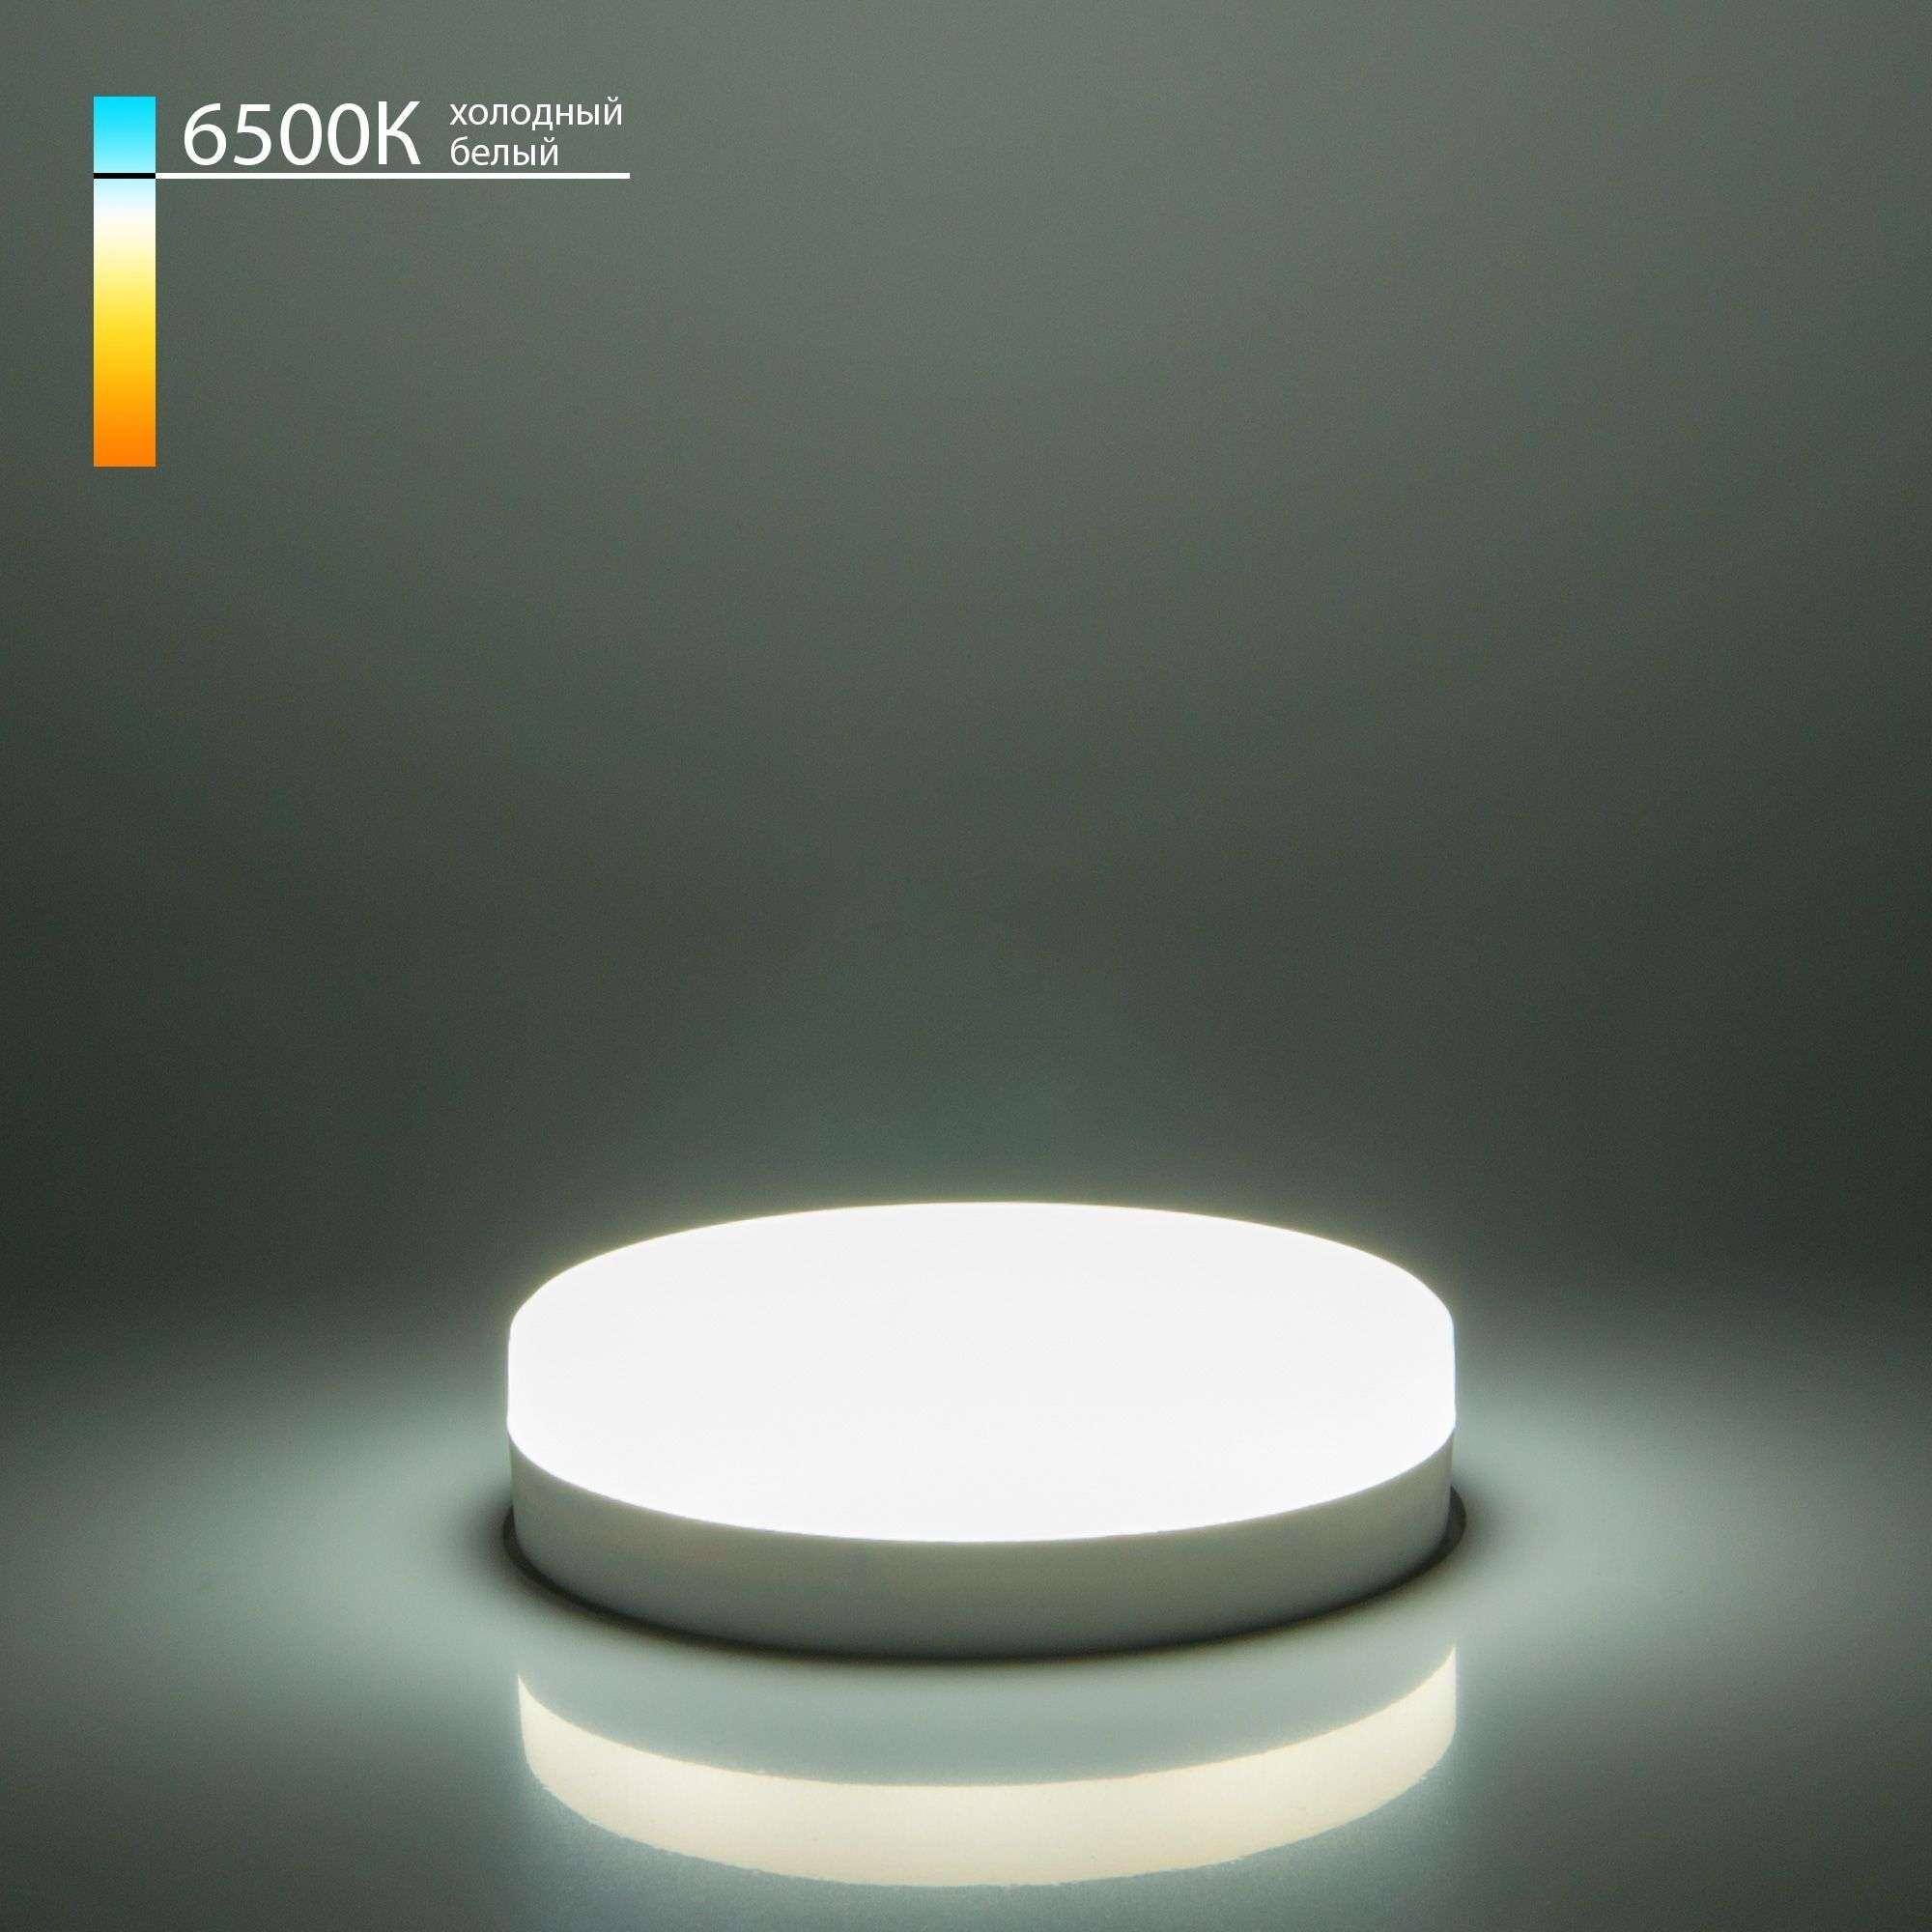 Светодиодная лампа 12W 6500К GX53 GX53 LED PC 12W 6500К